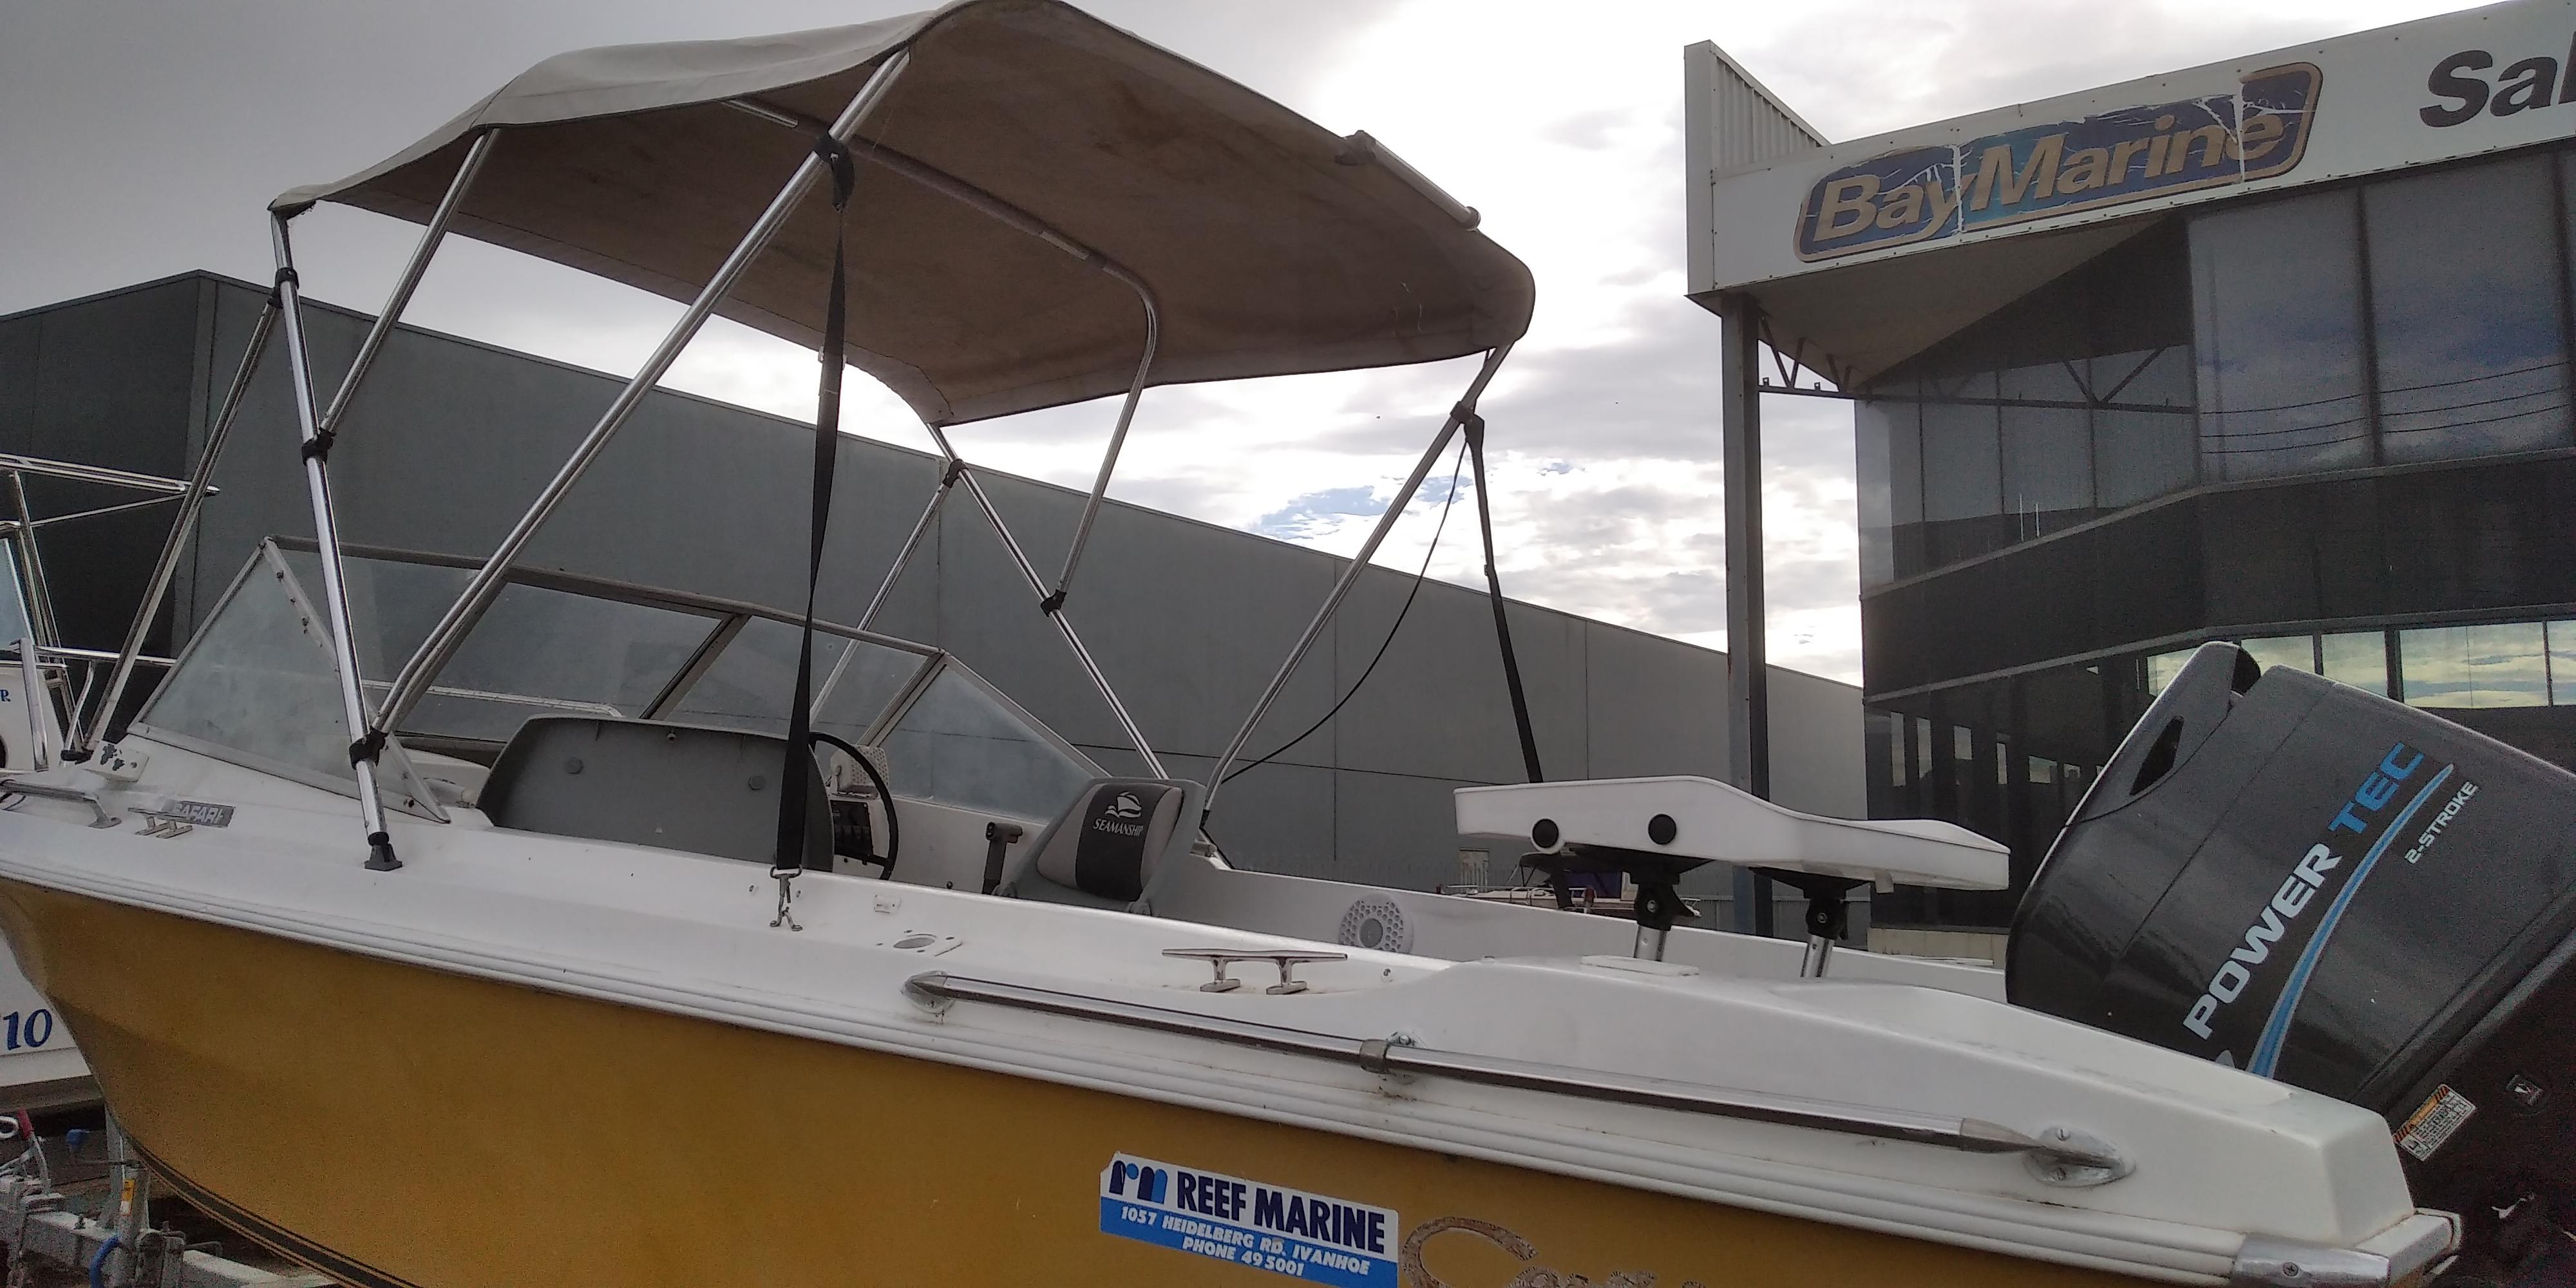 Caribbean Safari Boat full